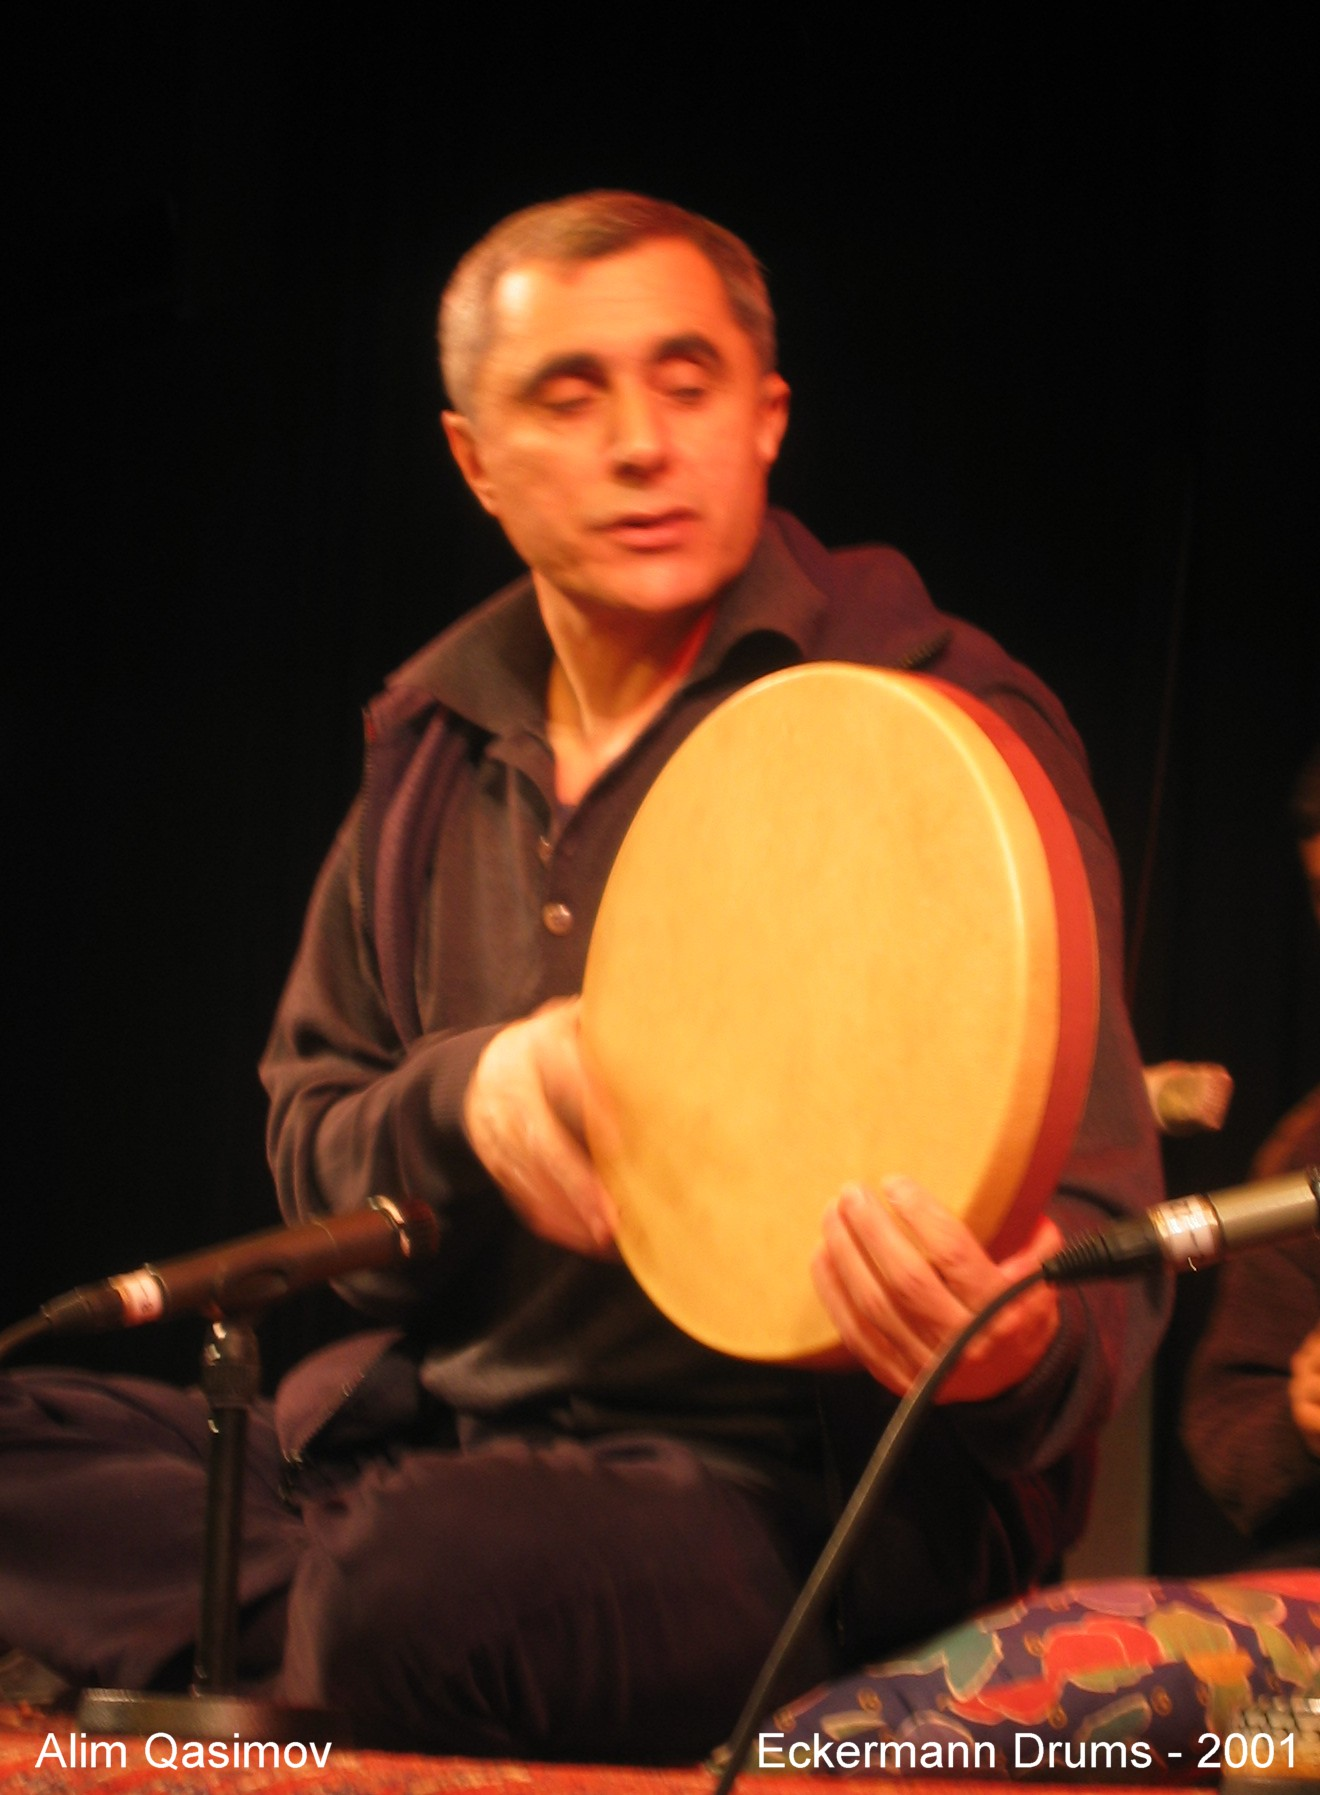 Alim Quasimov